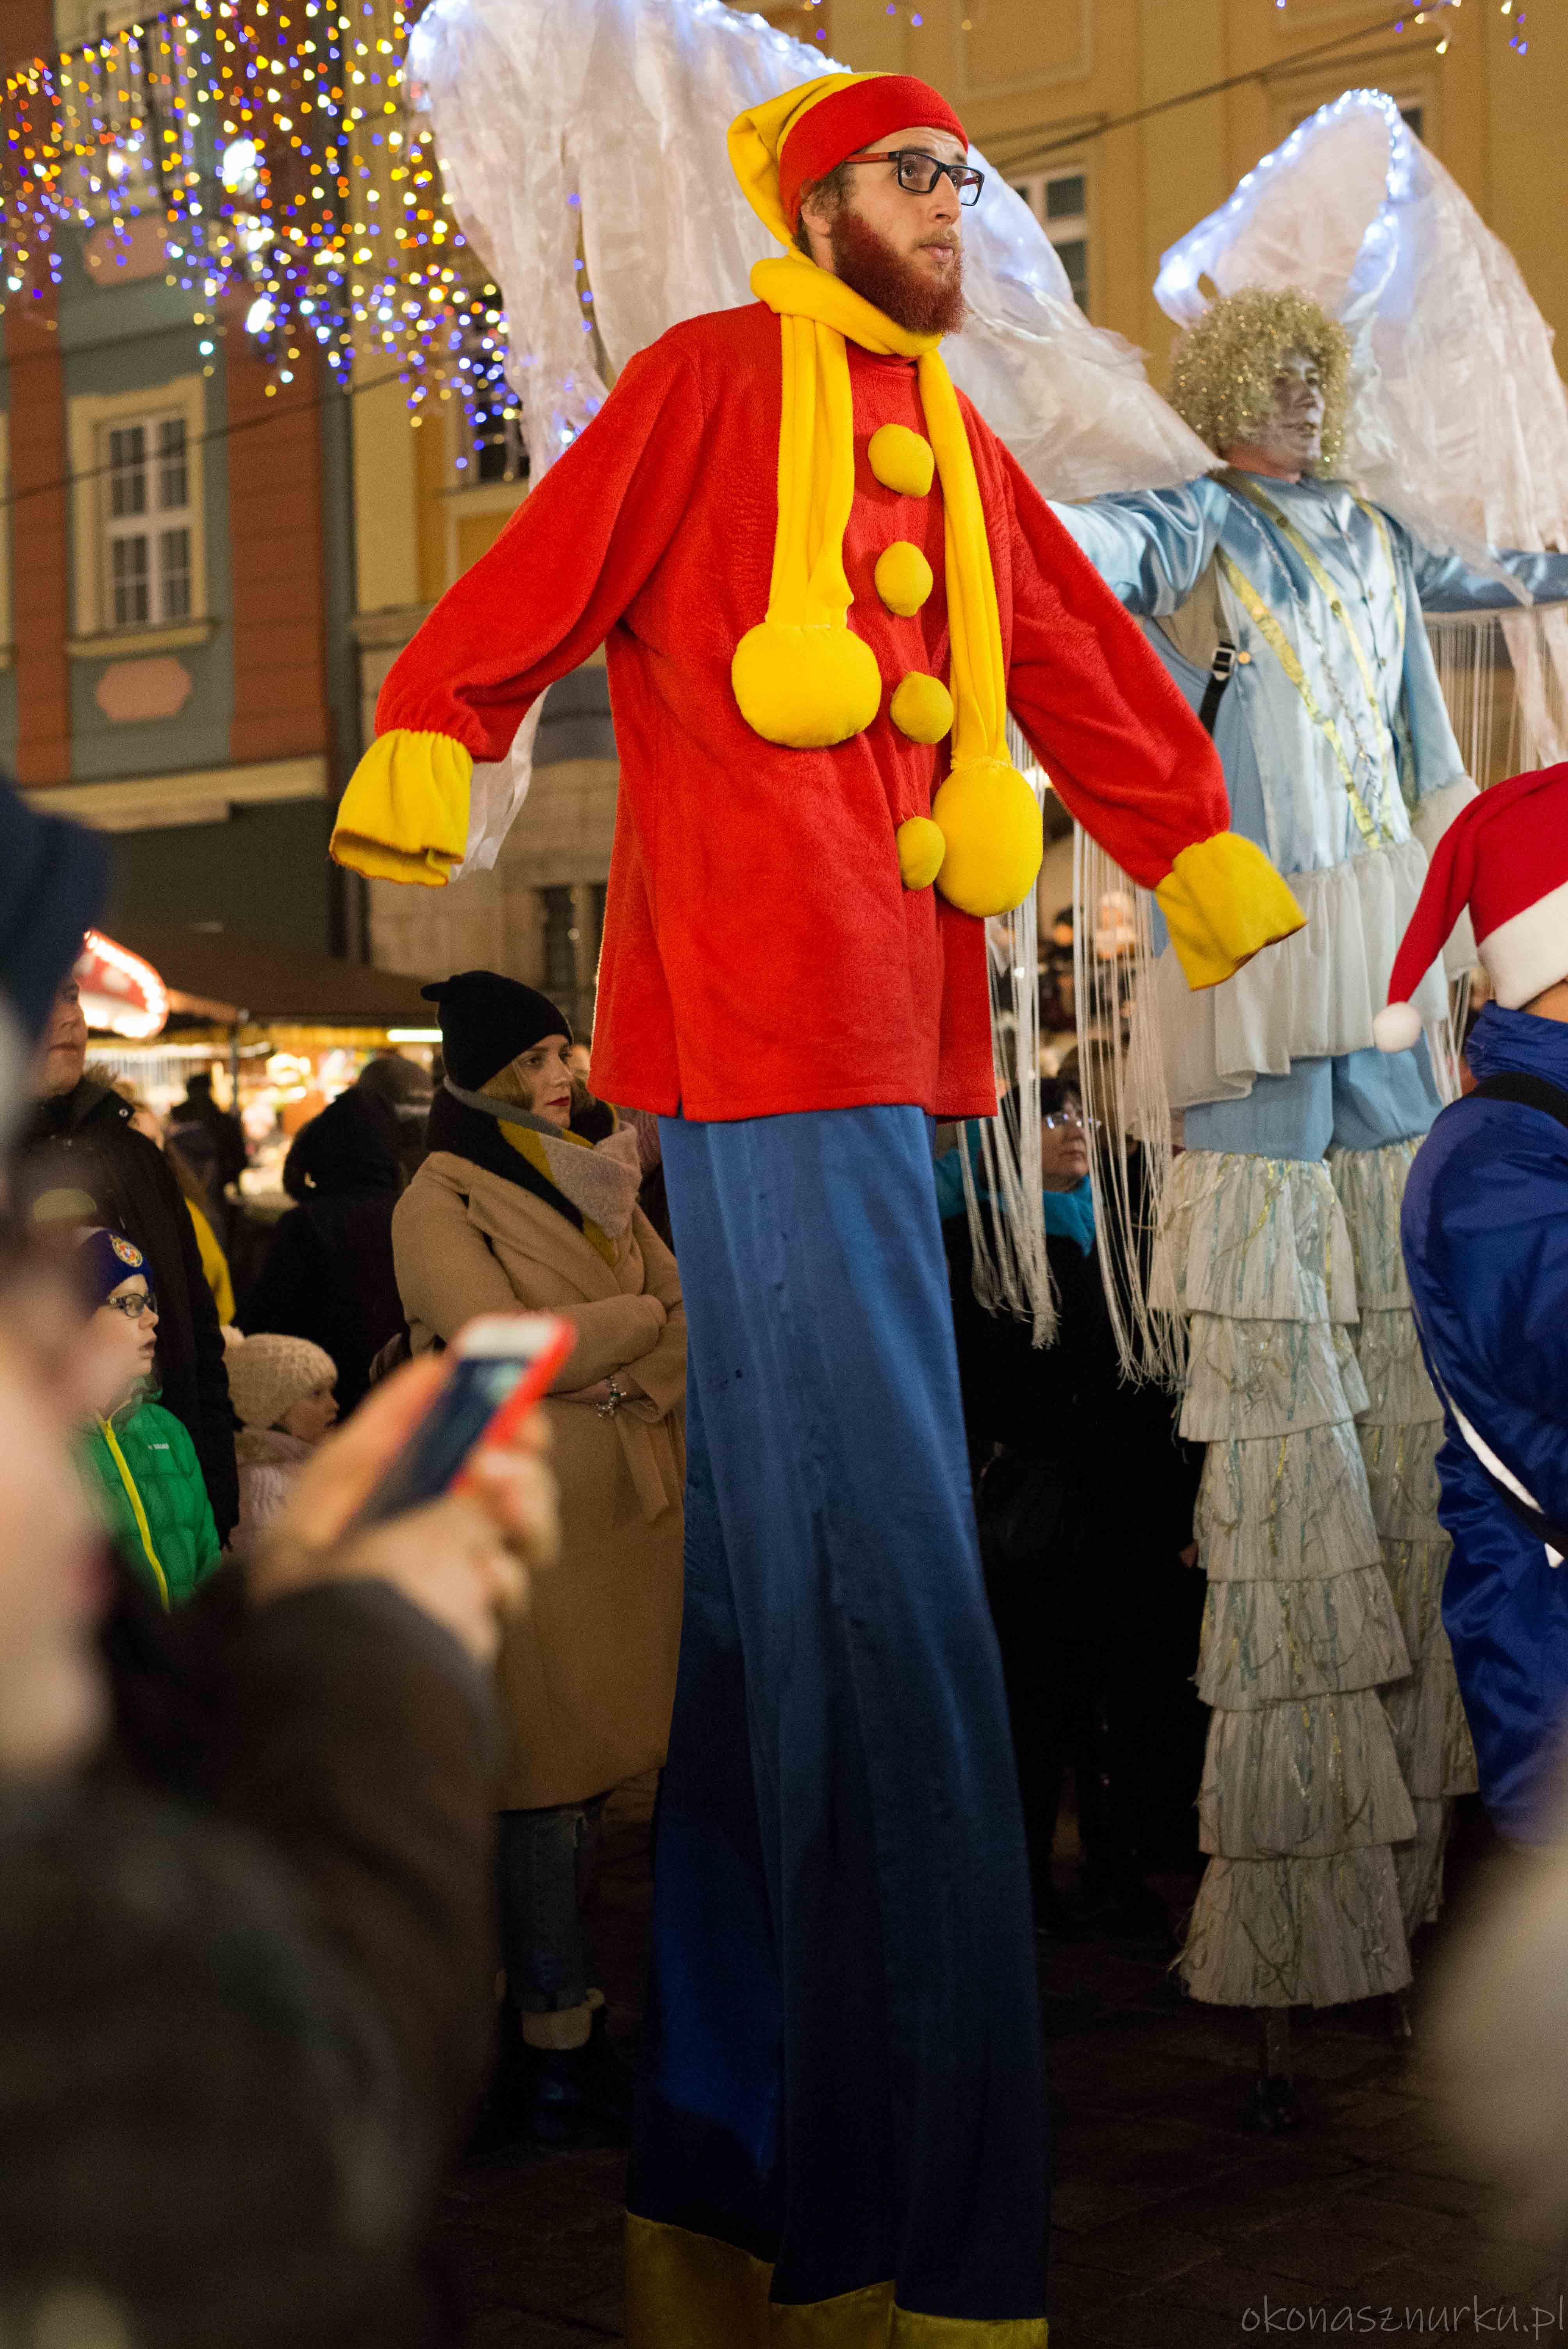 jarmark-bozonarodzeniowy-wroclaw-christmas-market-poland (16)